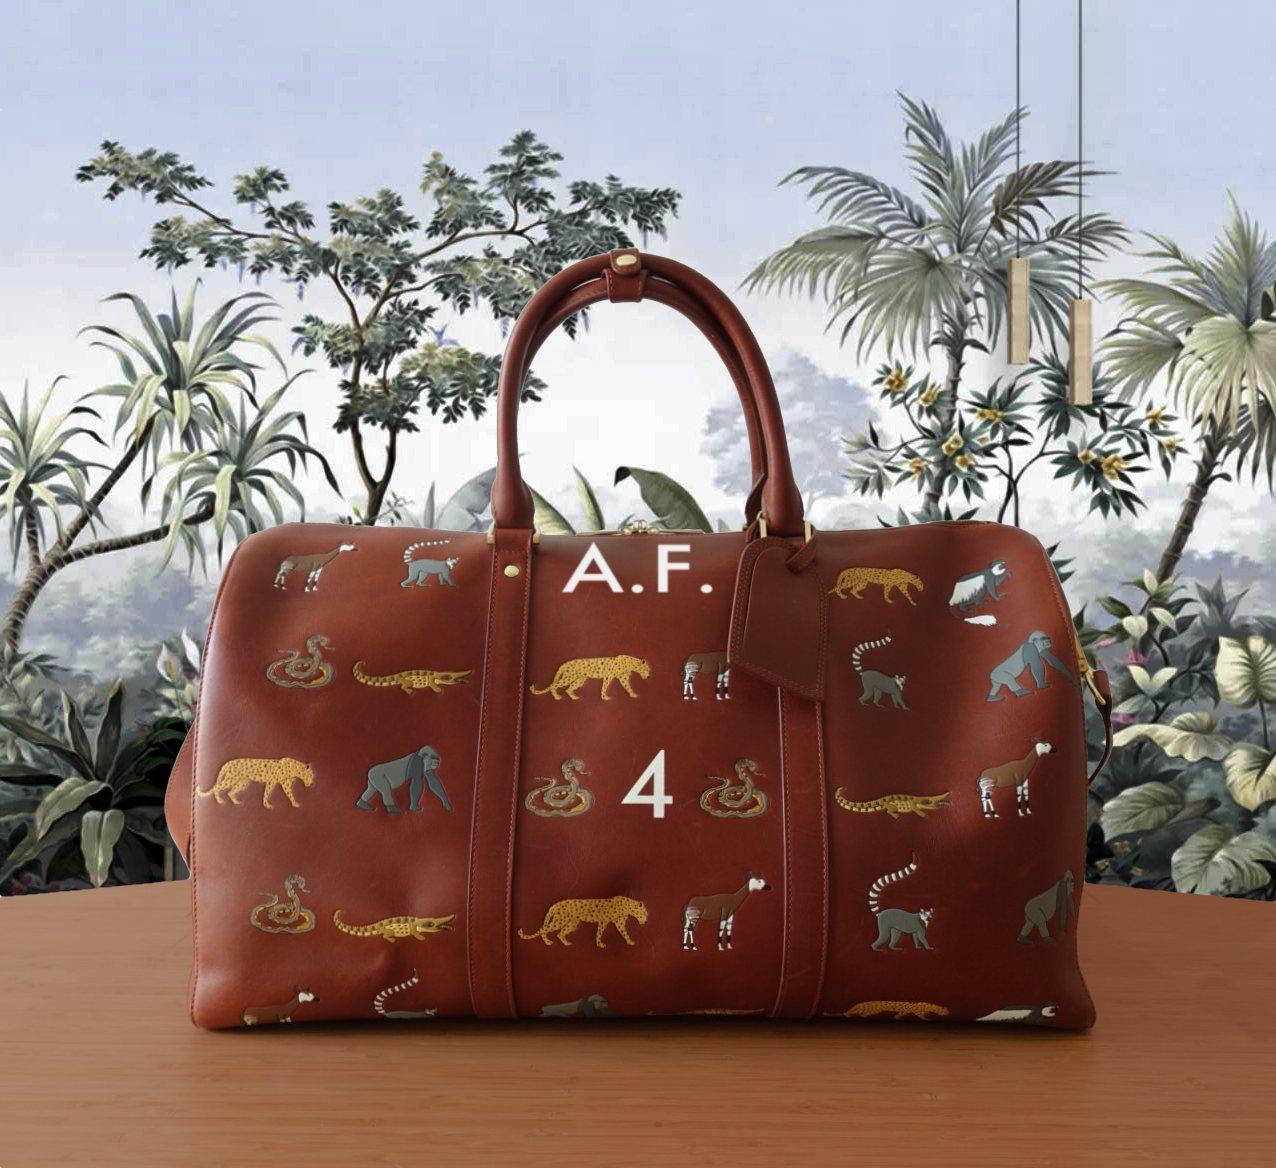 Jungle Bag Launch